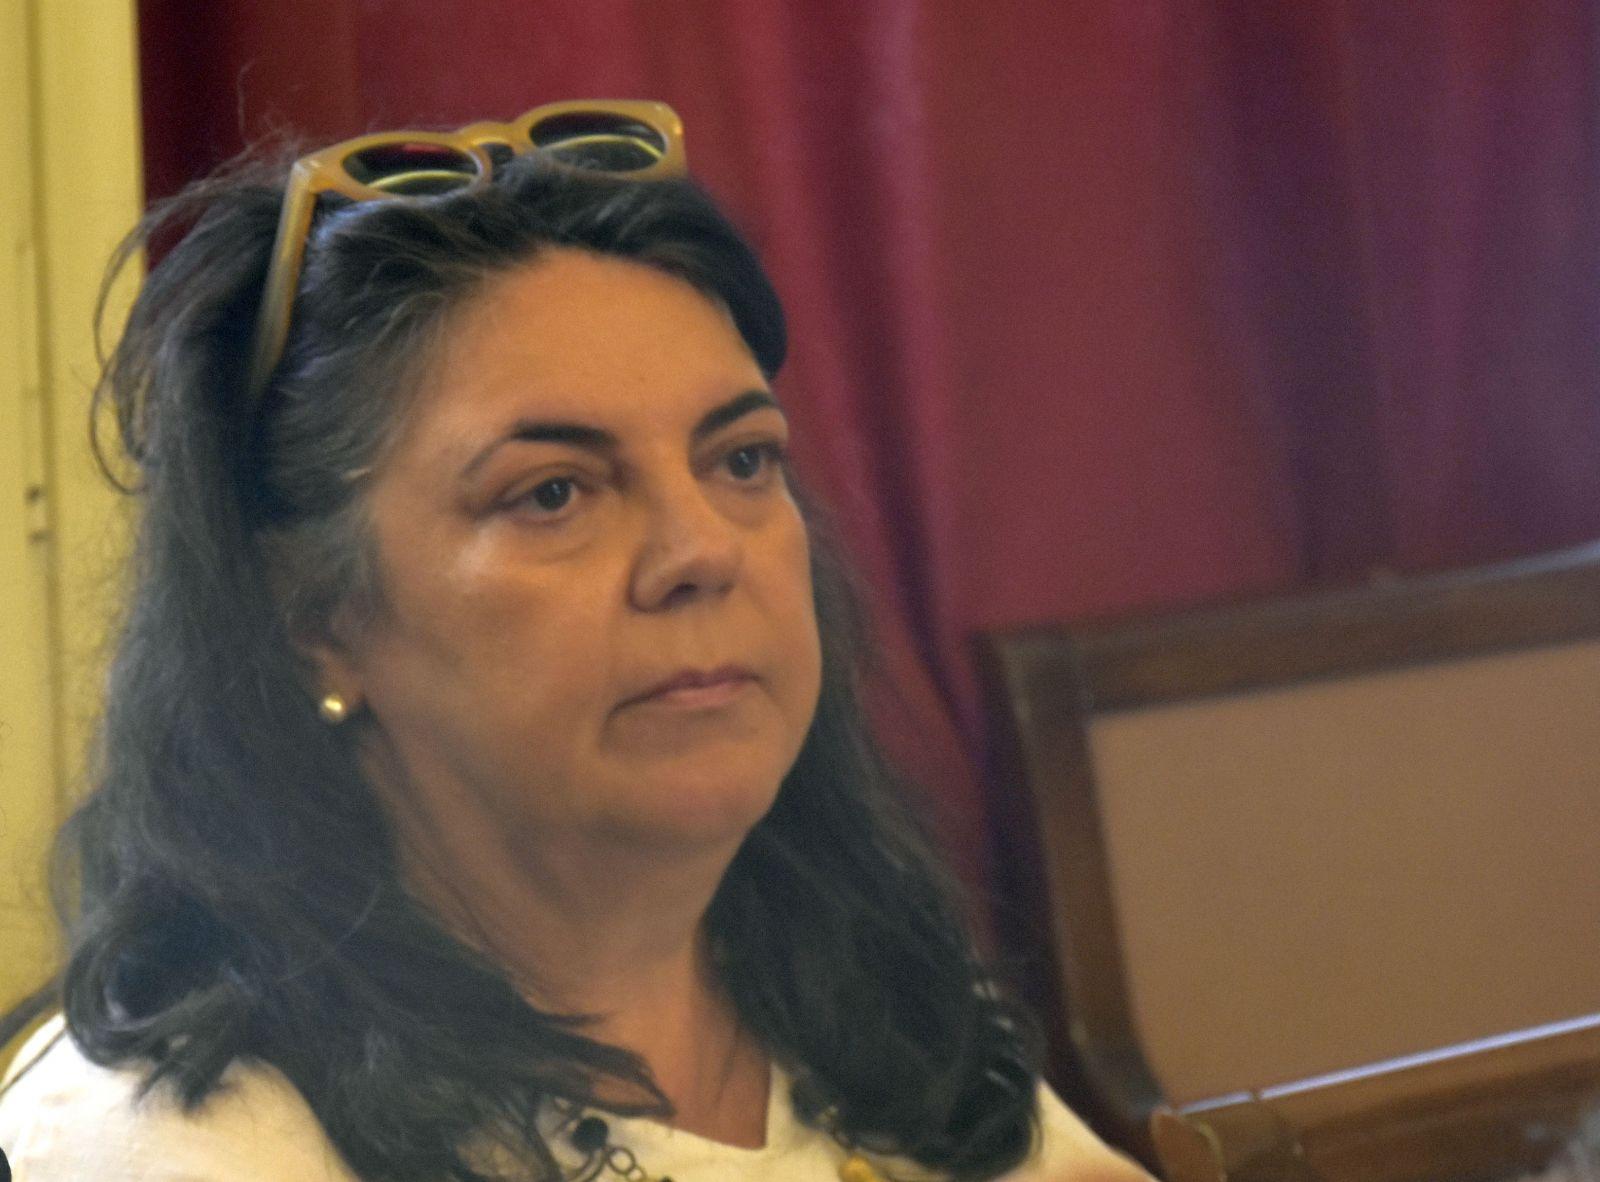 Ντίνα Σαμψούνη: Μην παραμελείτε άλλα σοβαρά νοσήματα